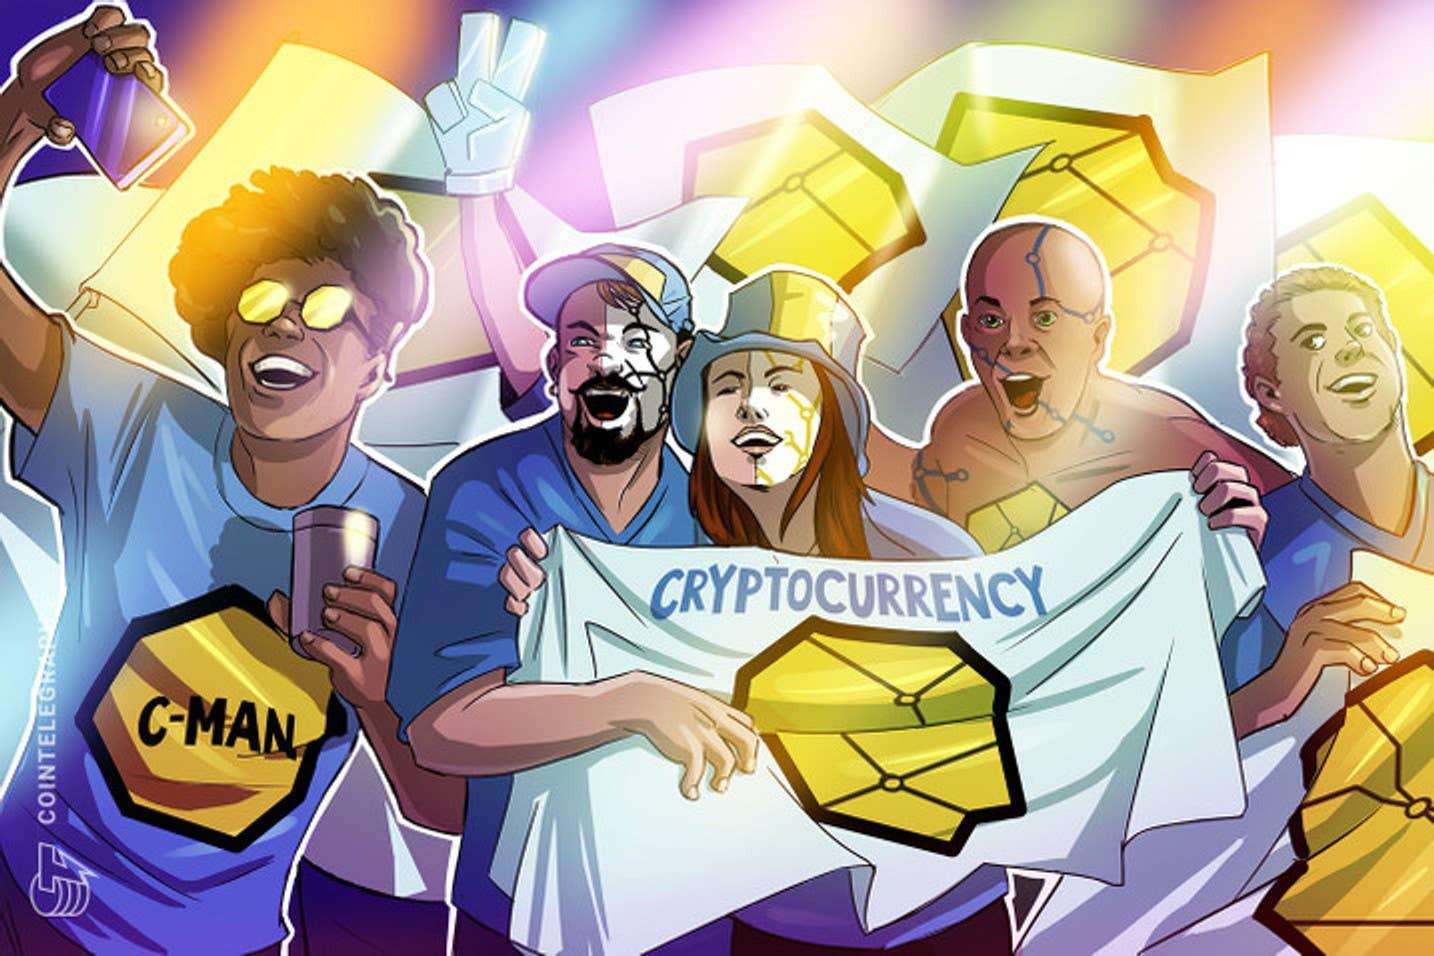 Conheça o Ñeripeso, a criptomoeda uruguaia cujo valor é determinado pela comunidade de usuários